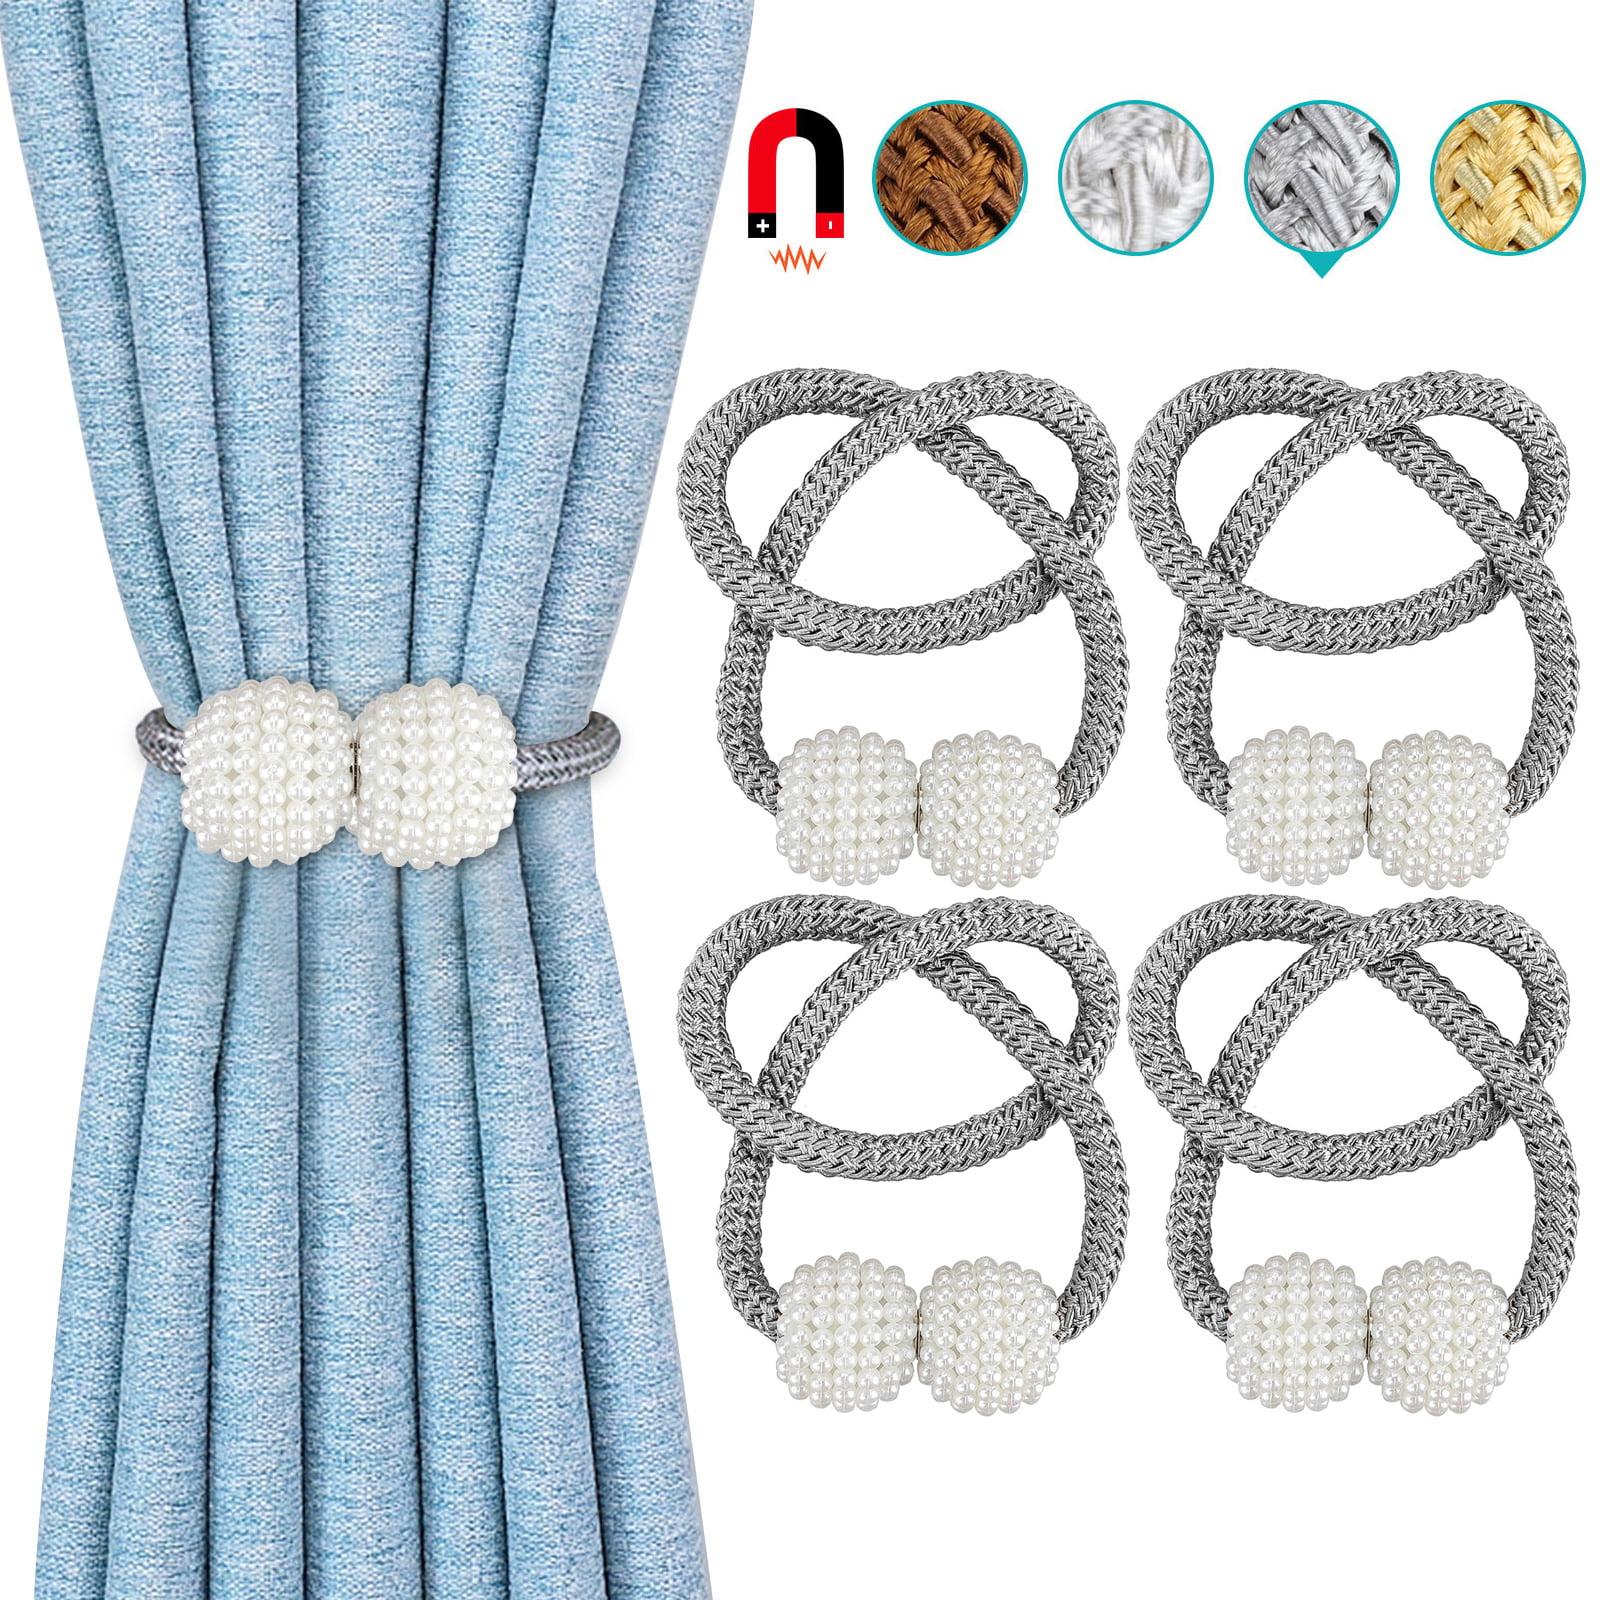 eeekit magnetic curtain tiebacks 8pcs decorative rope curtain holdback elegant pearl ball magnetic buckle drape tie backs holders holdbacks